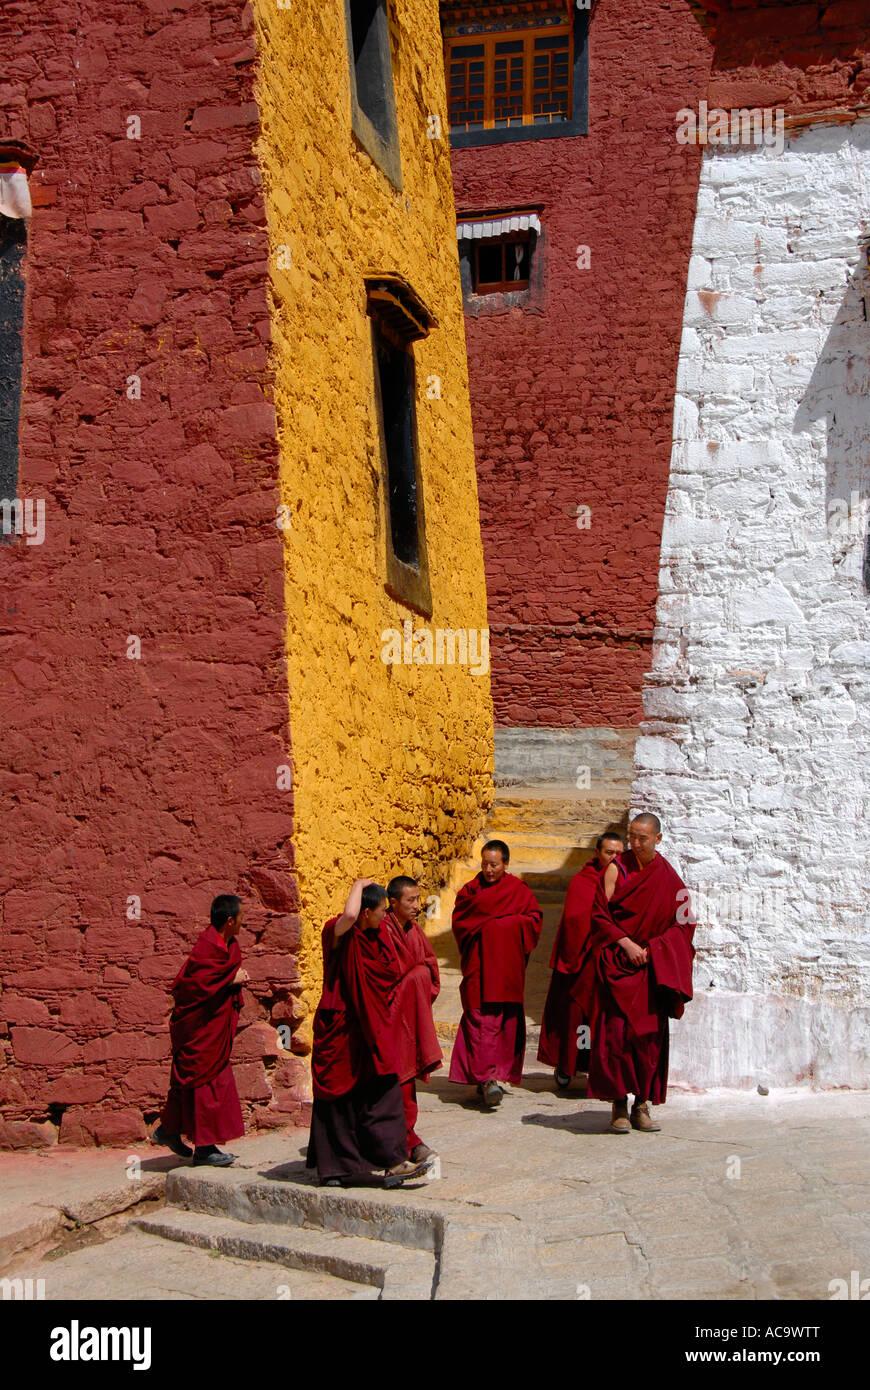 Los monjes tibetanos caminando por el ocre rojo y paredes pintadas de blanco el Monasterio Ganden Tibetano China Foto de stock